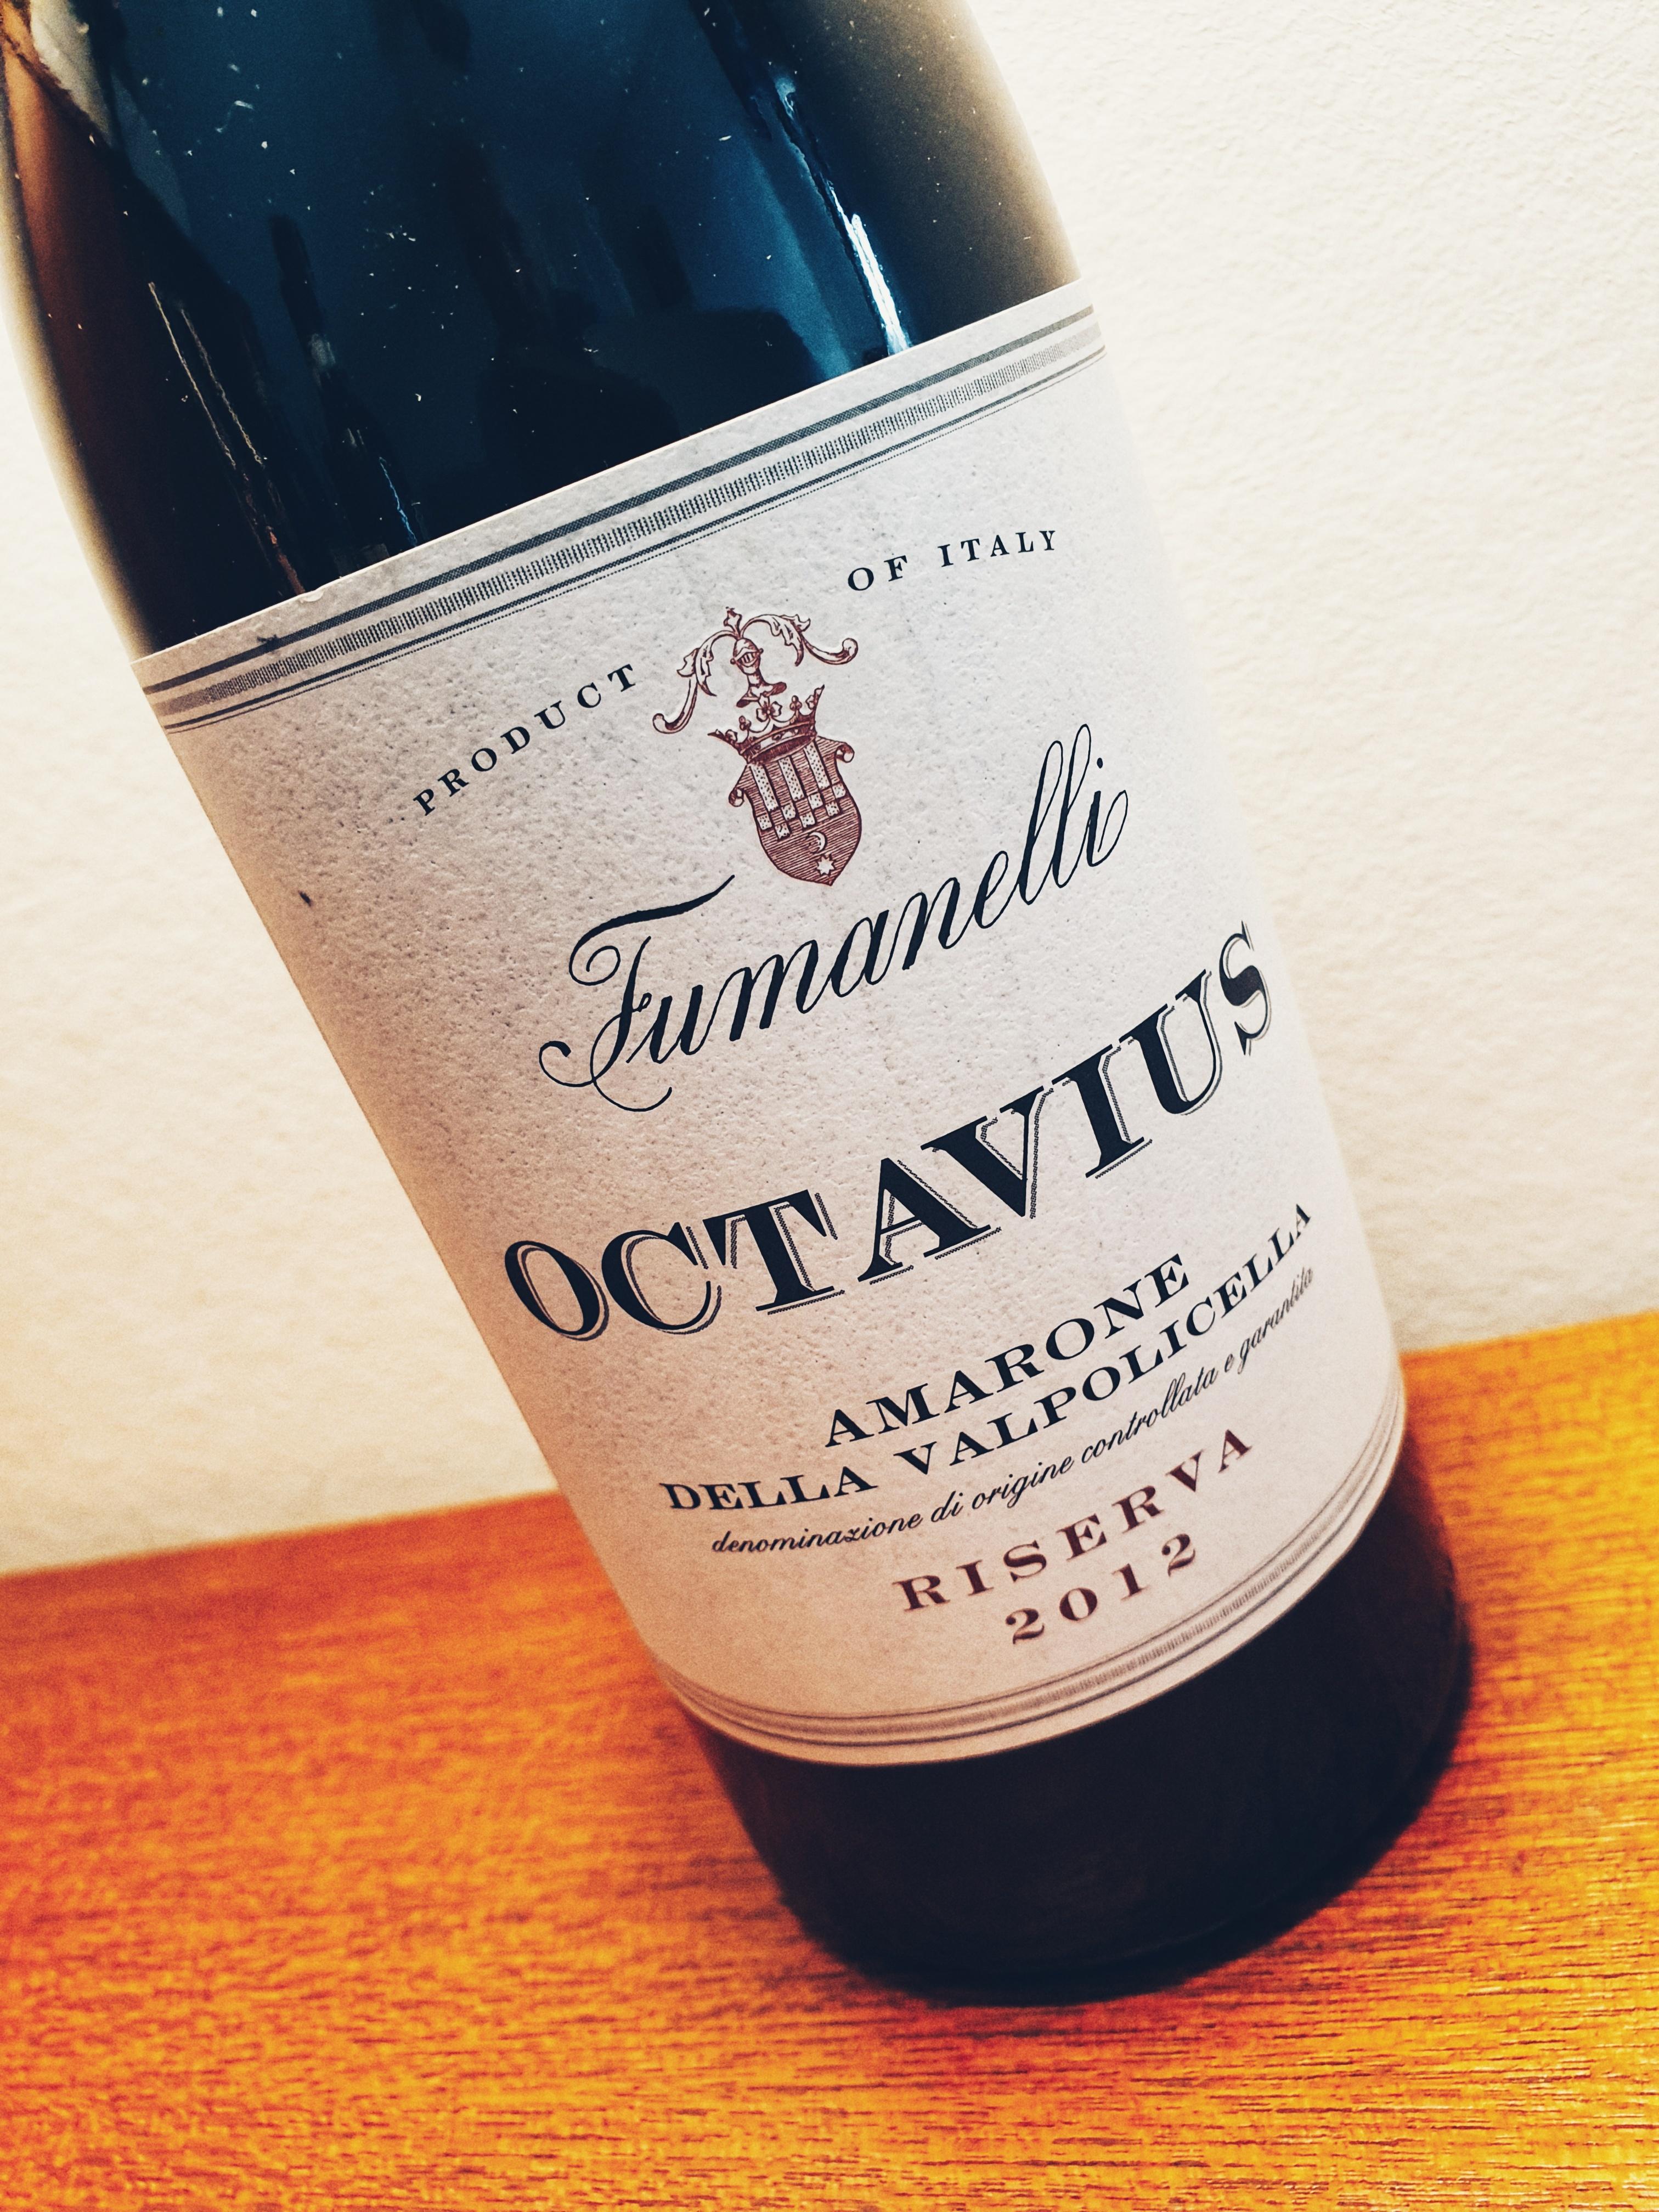 Amarone della Valpolicella Riserva 'Octavius' Fumanelli 2012